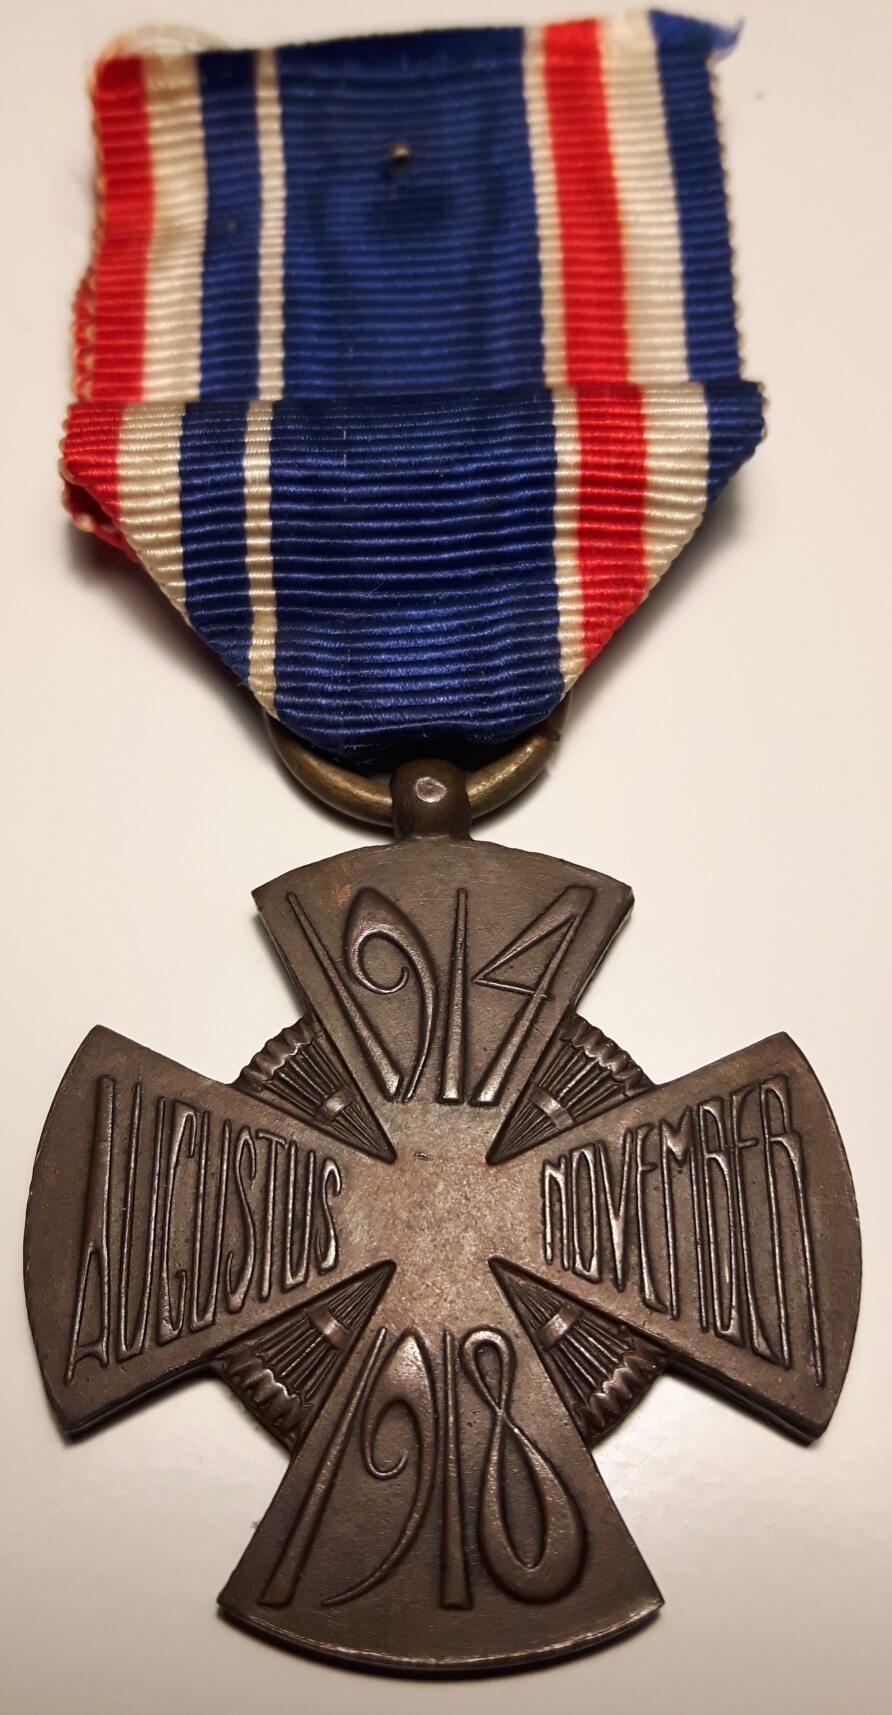 Mobilisatiekruis 1914-1918